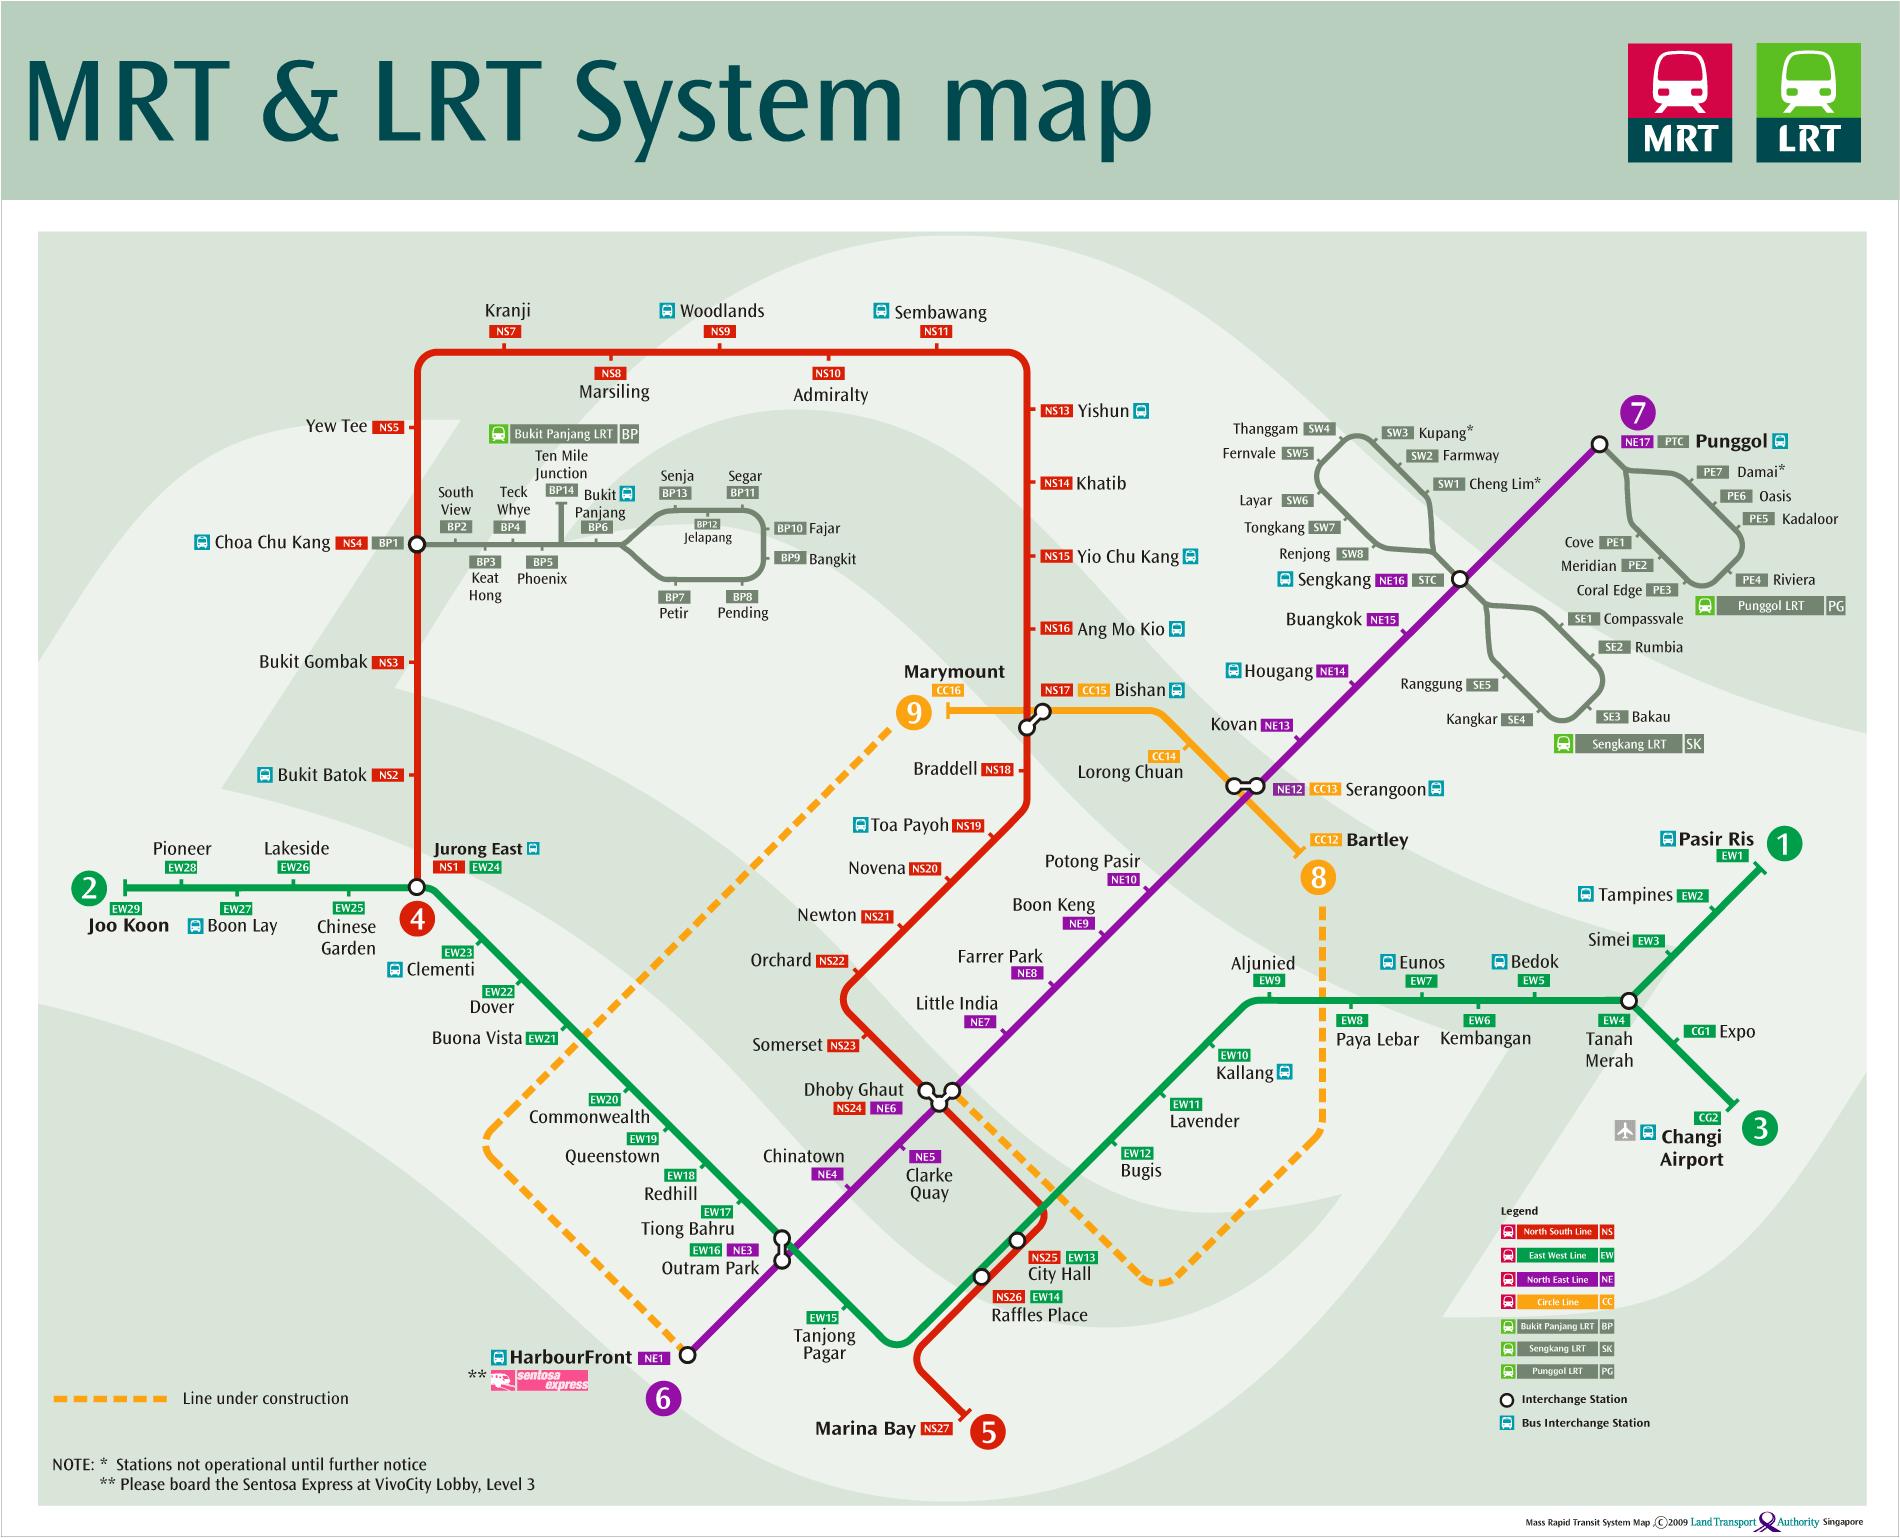 武汉2号地铁线路图图片 武汉2号地铁线路图,武汉地铁2号线线路图图片